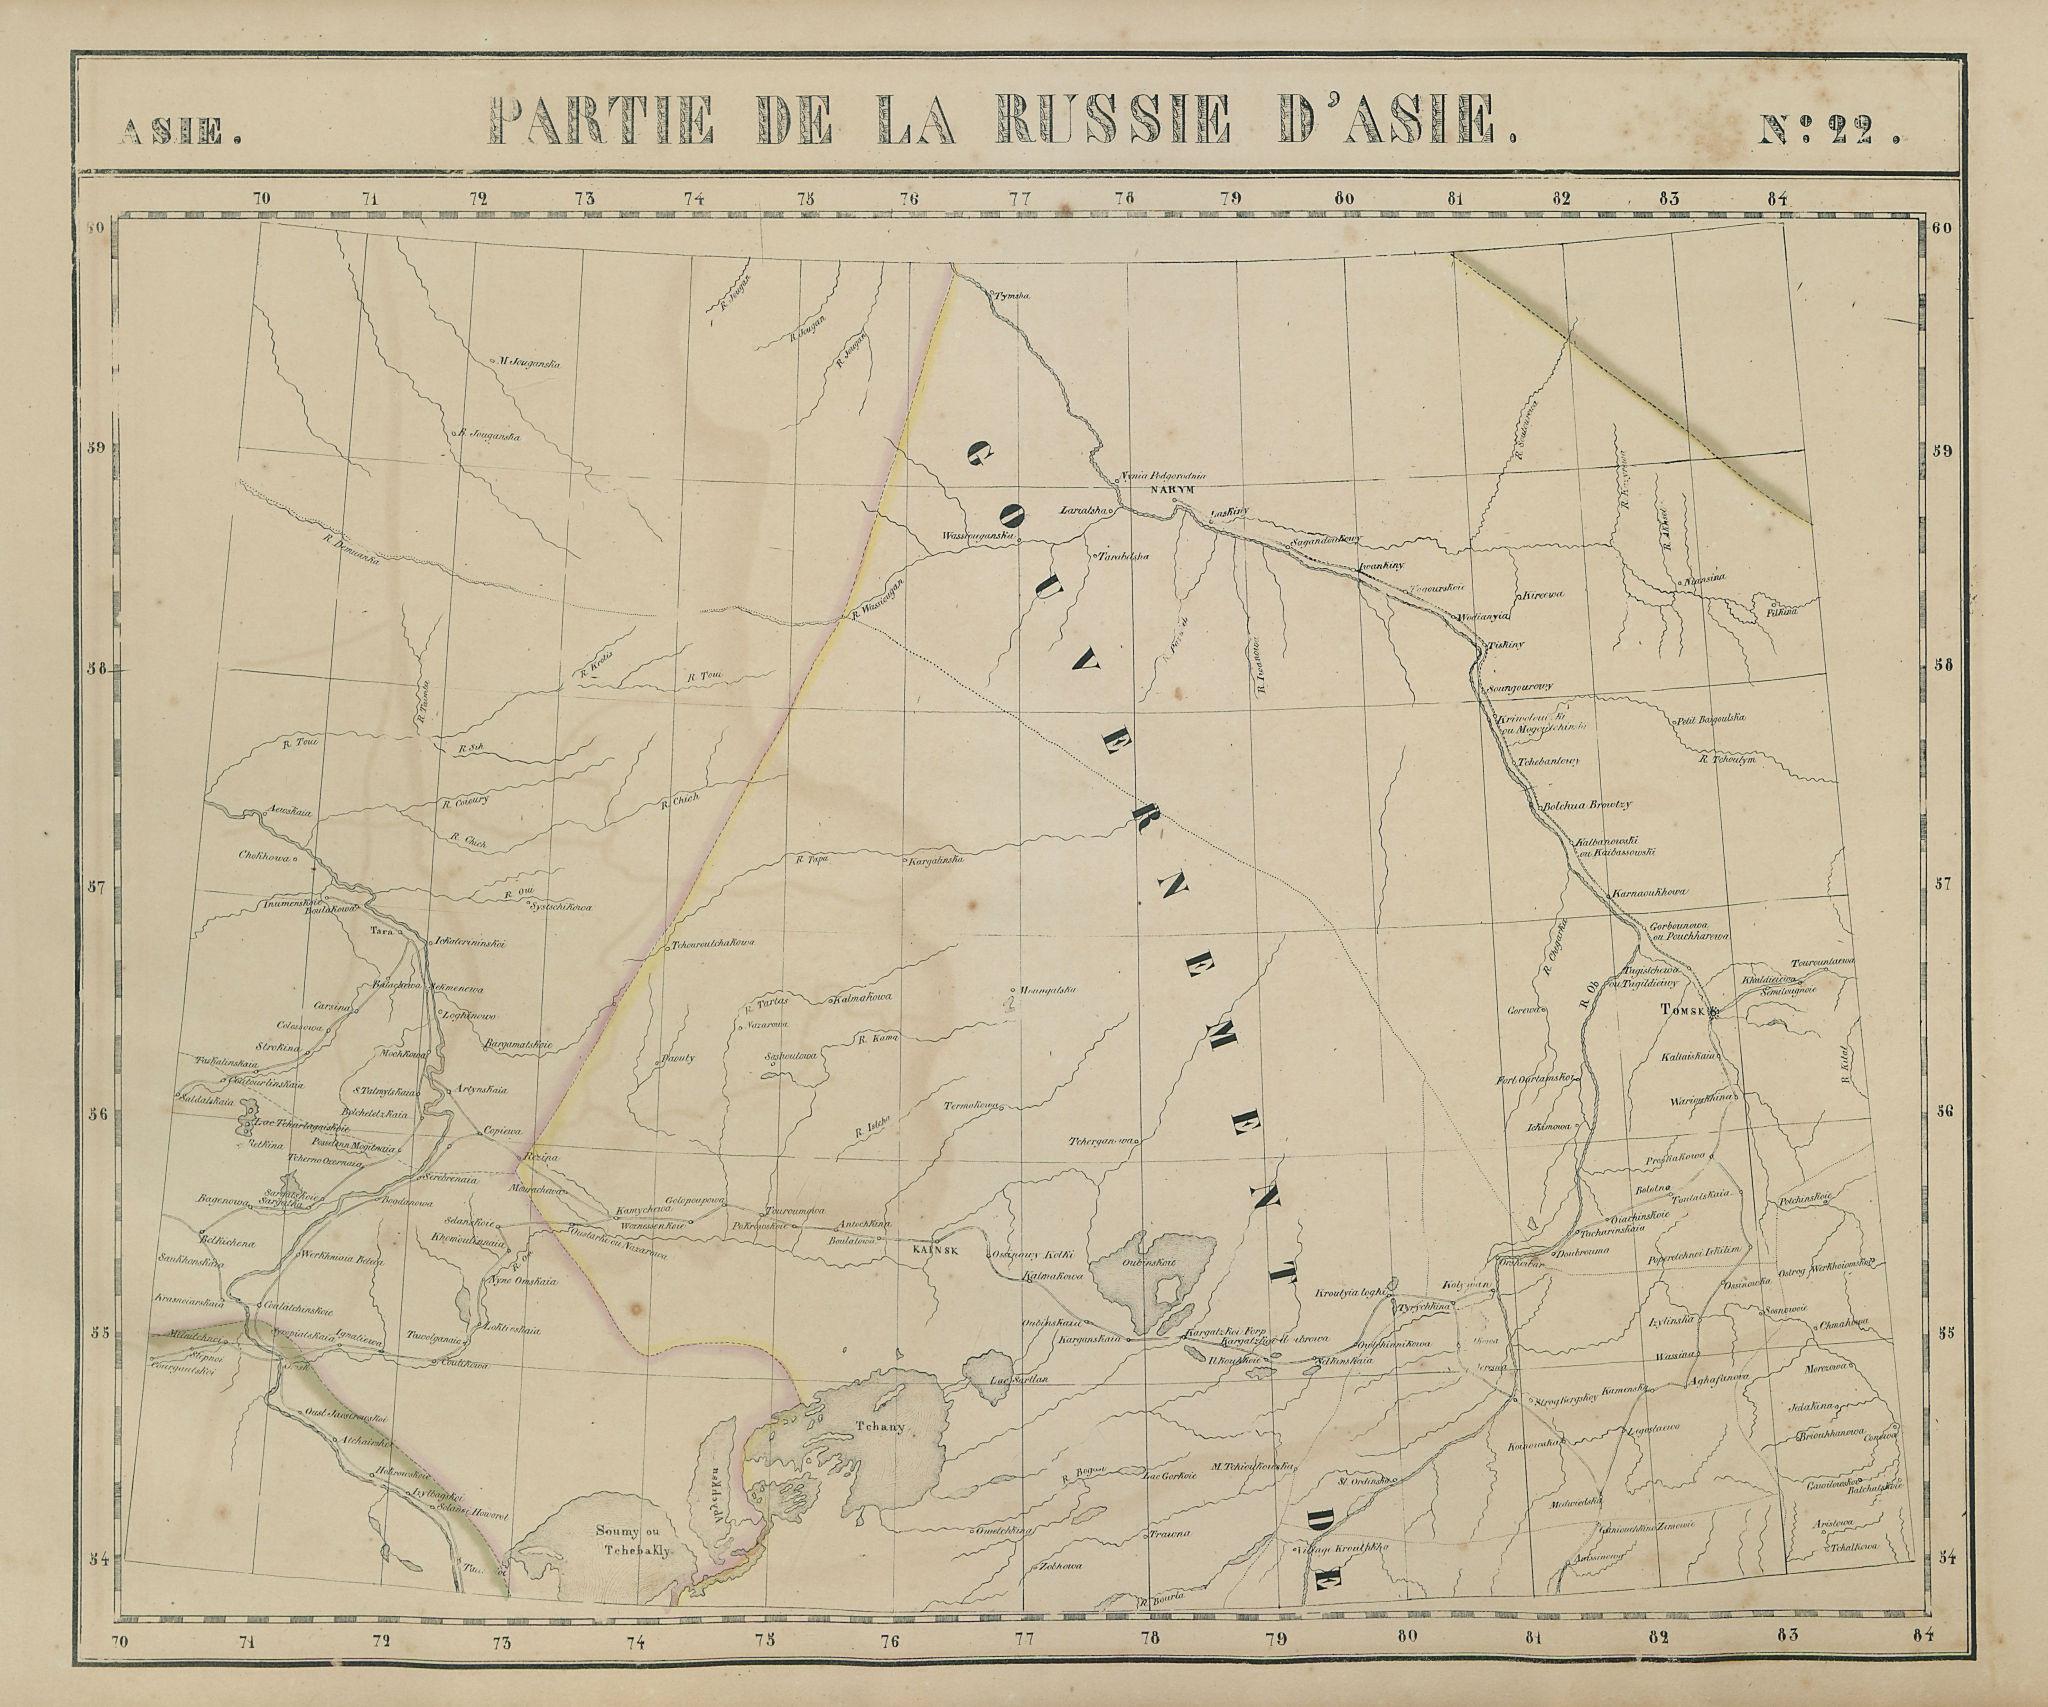 Russie d'Asie #22 Russia. Tomsk Omsk Novosibirsk. Ob River VANDERMAELEN 1827 map